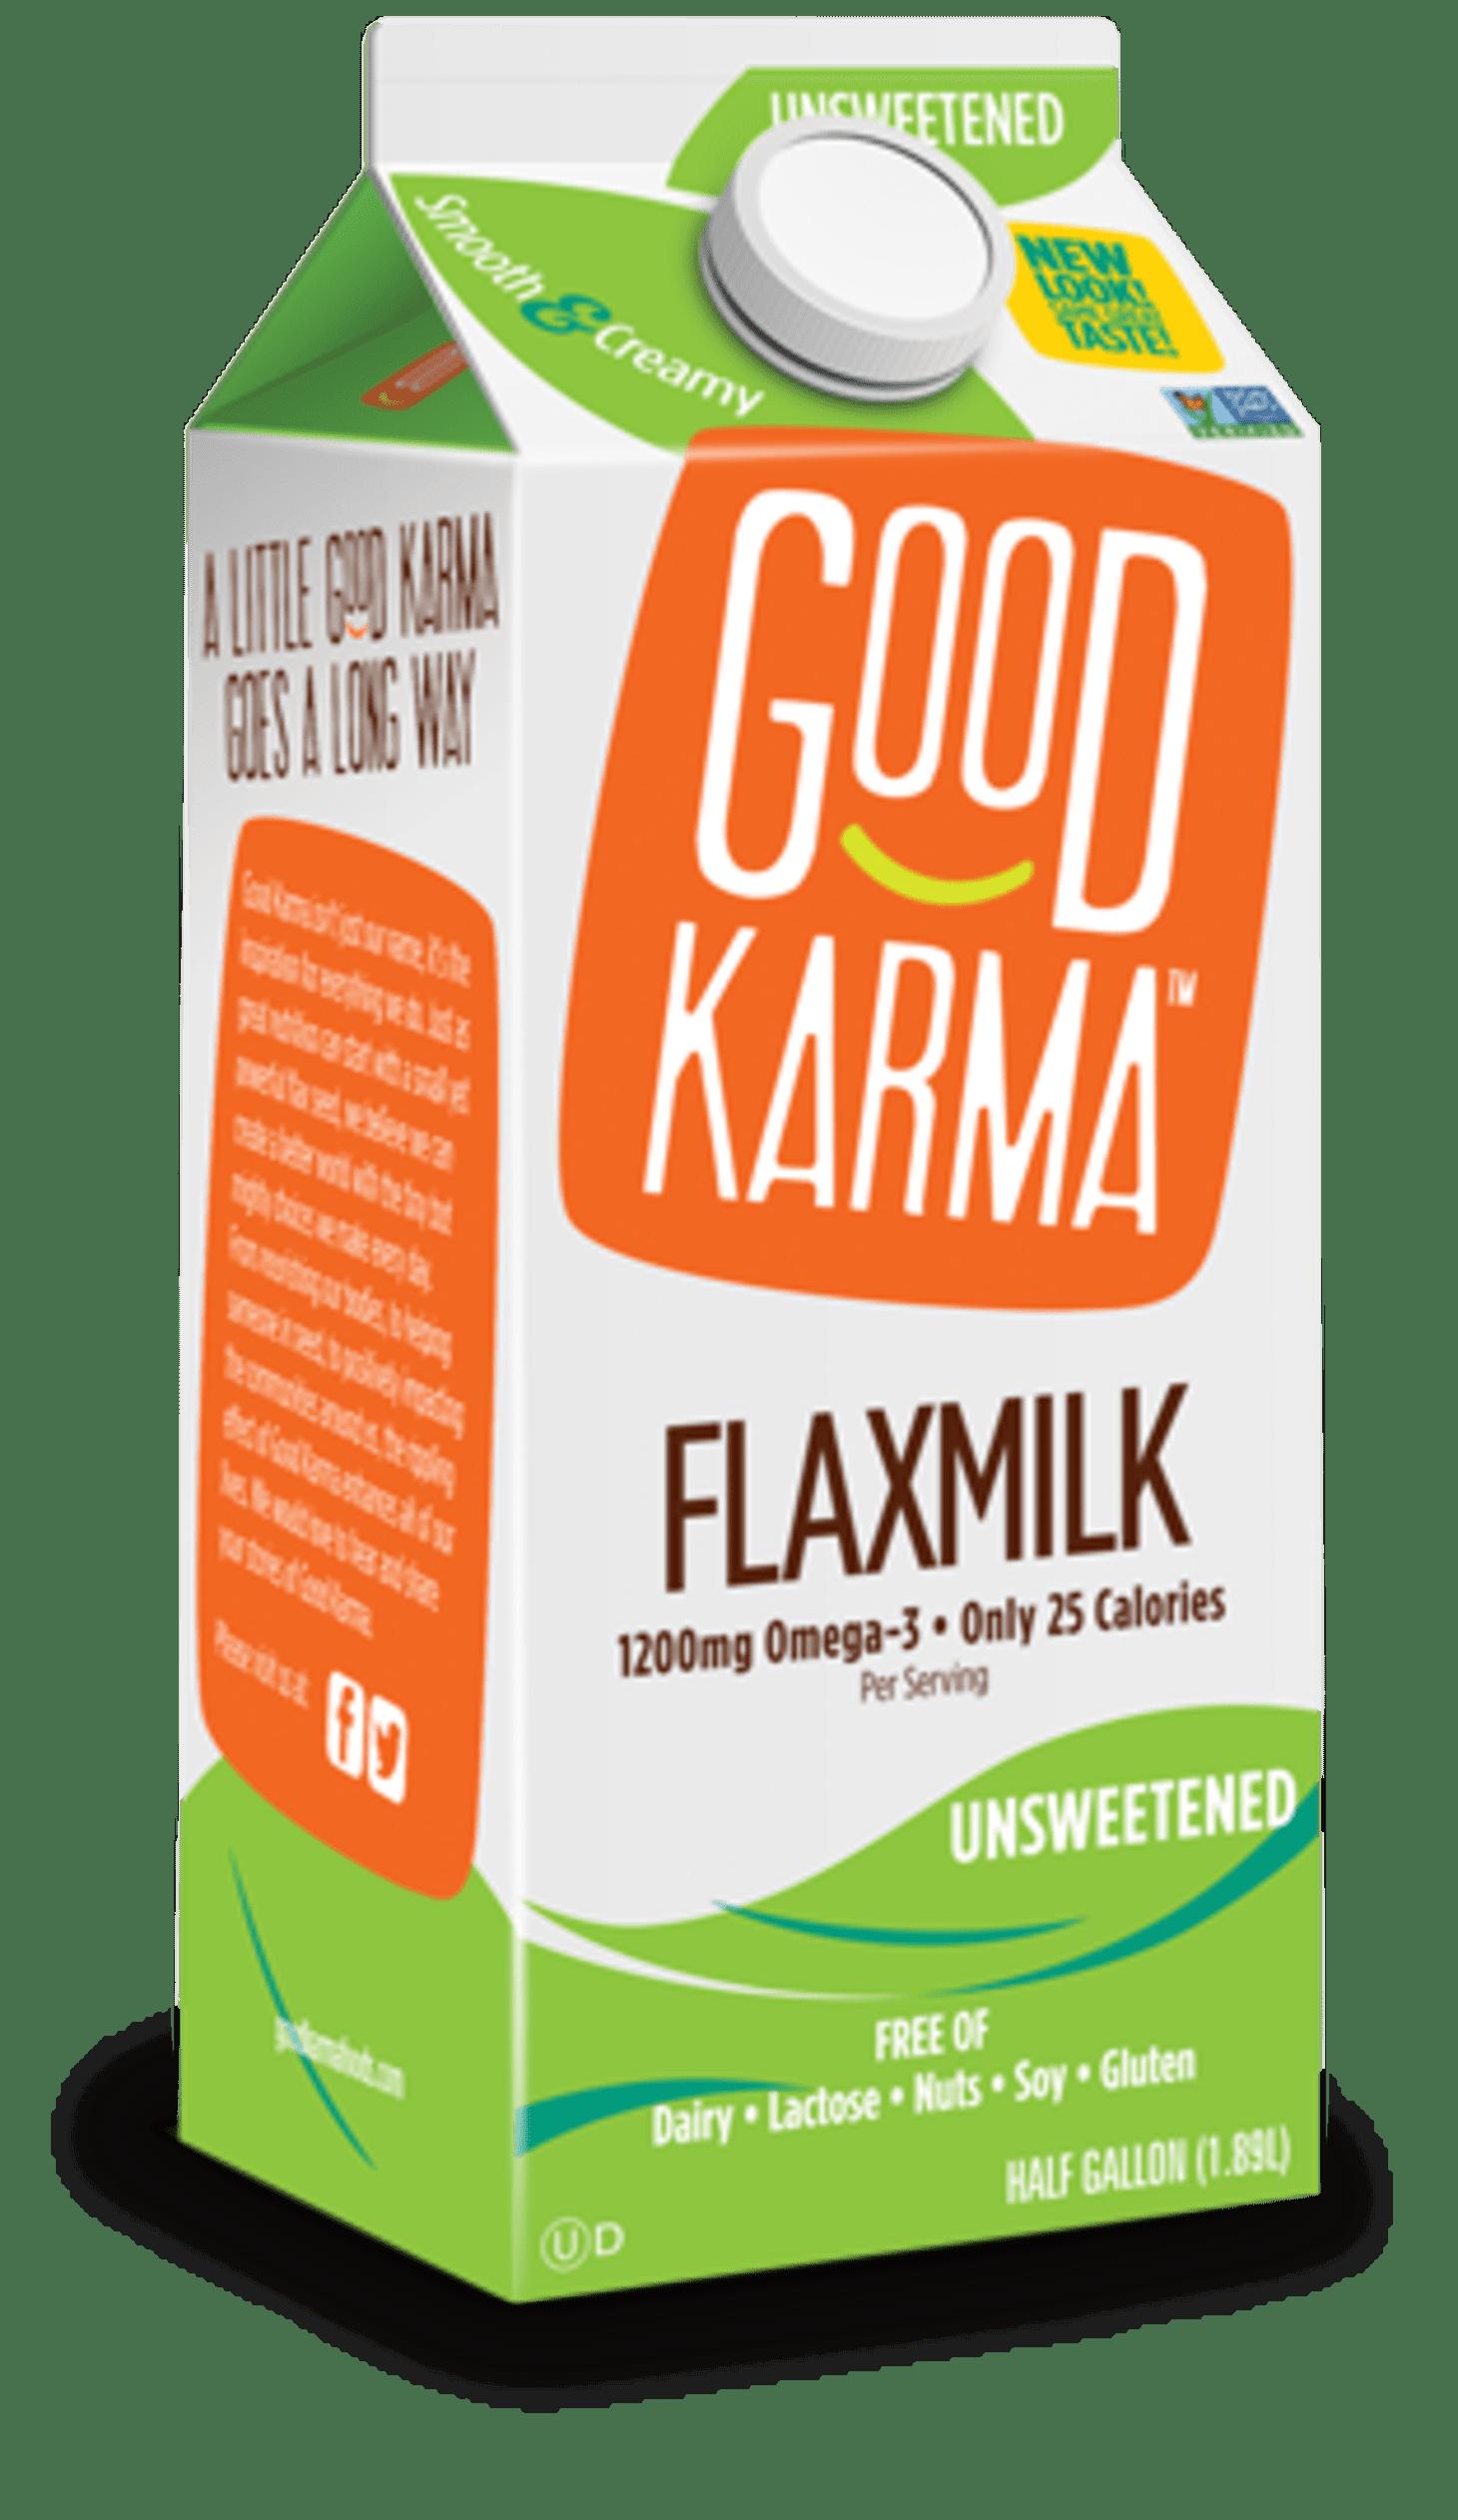 Nut Free Non Dairy Milk - Best Milk Alternatives | Kitchn